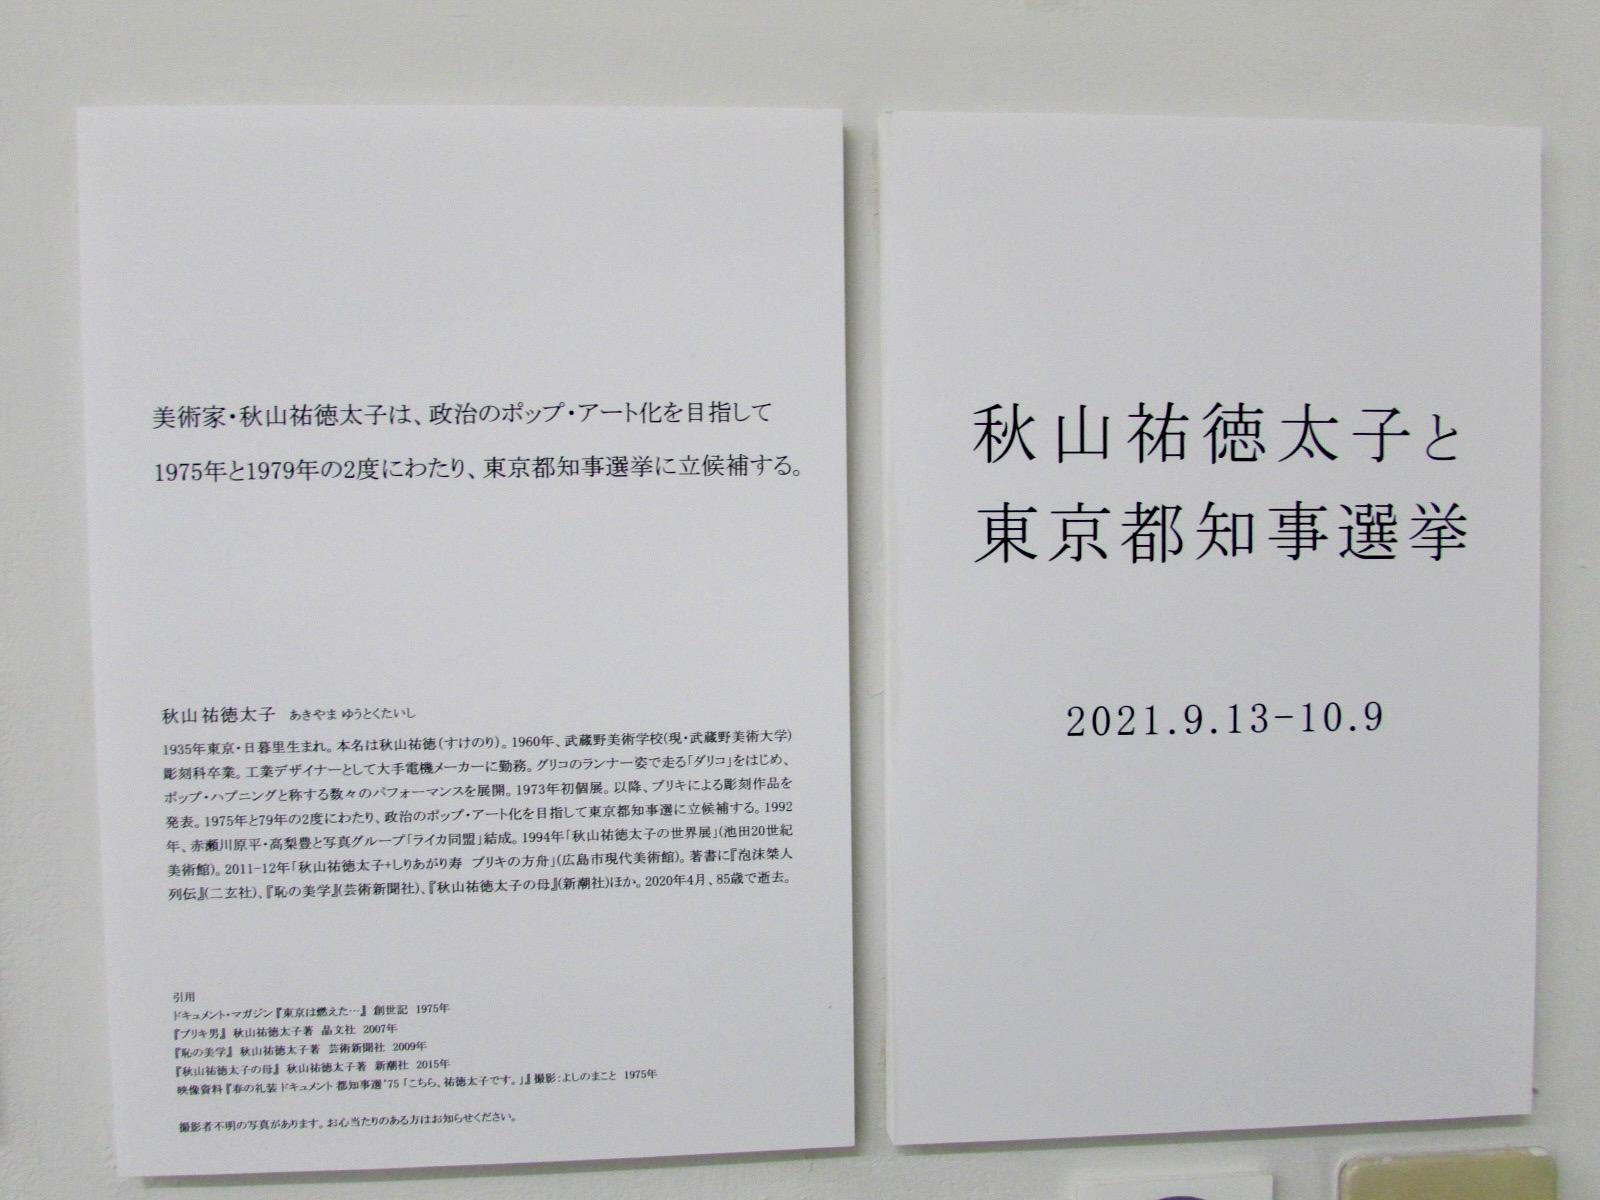 f:id:hiro-jp:20211009133303j:plain